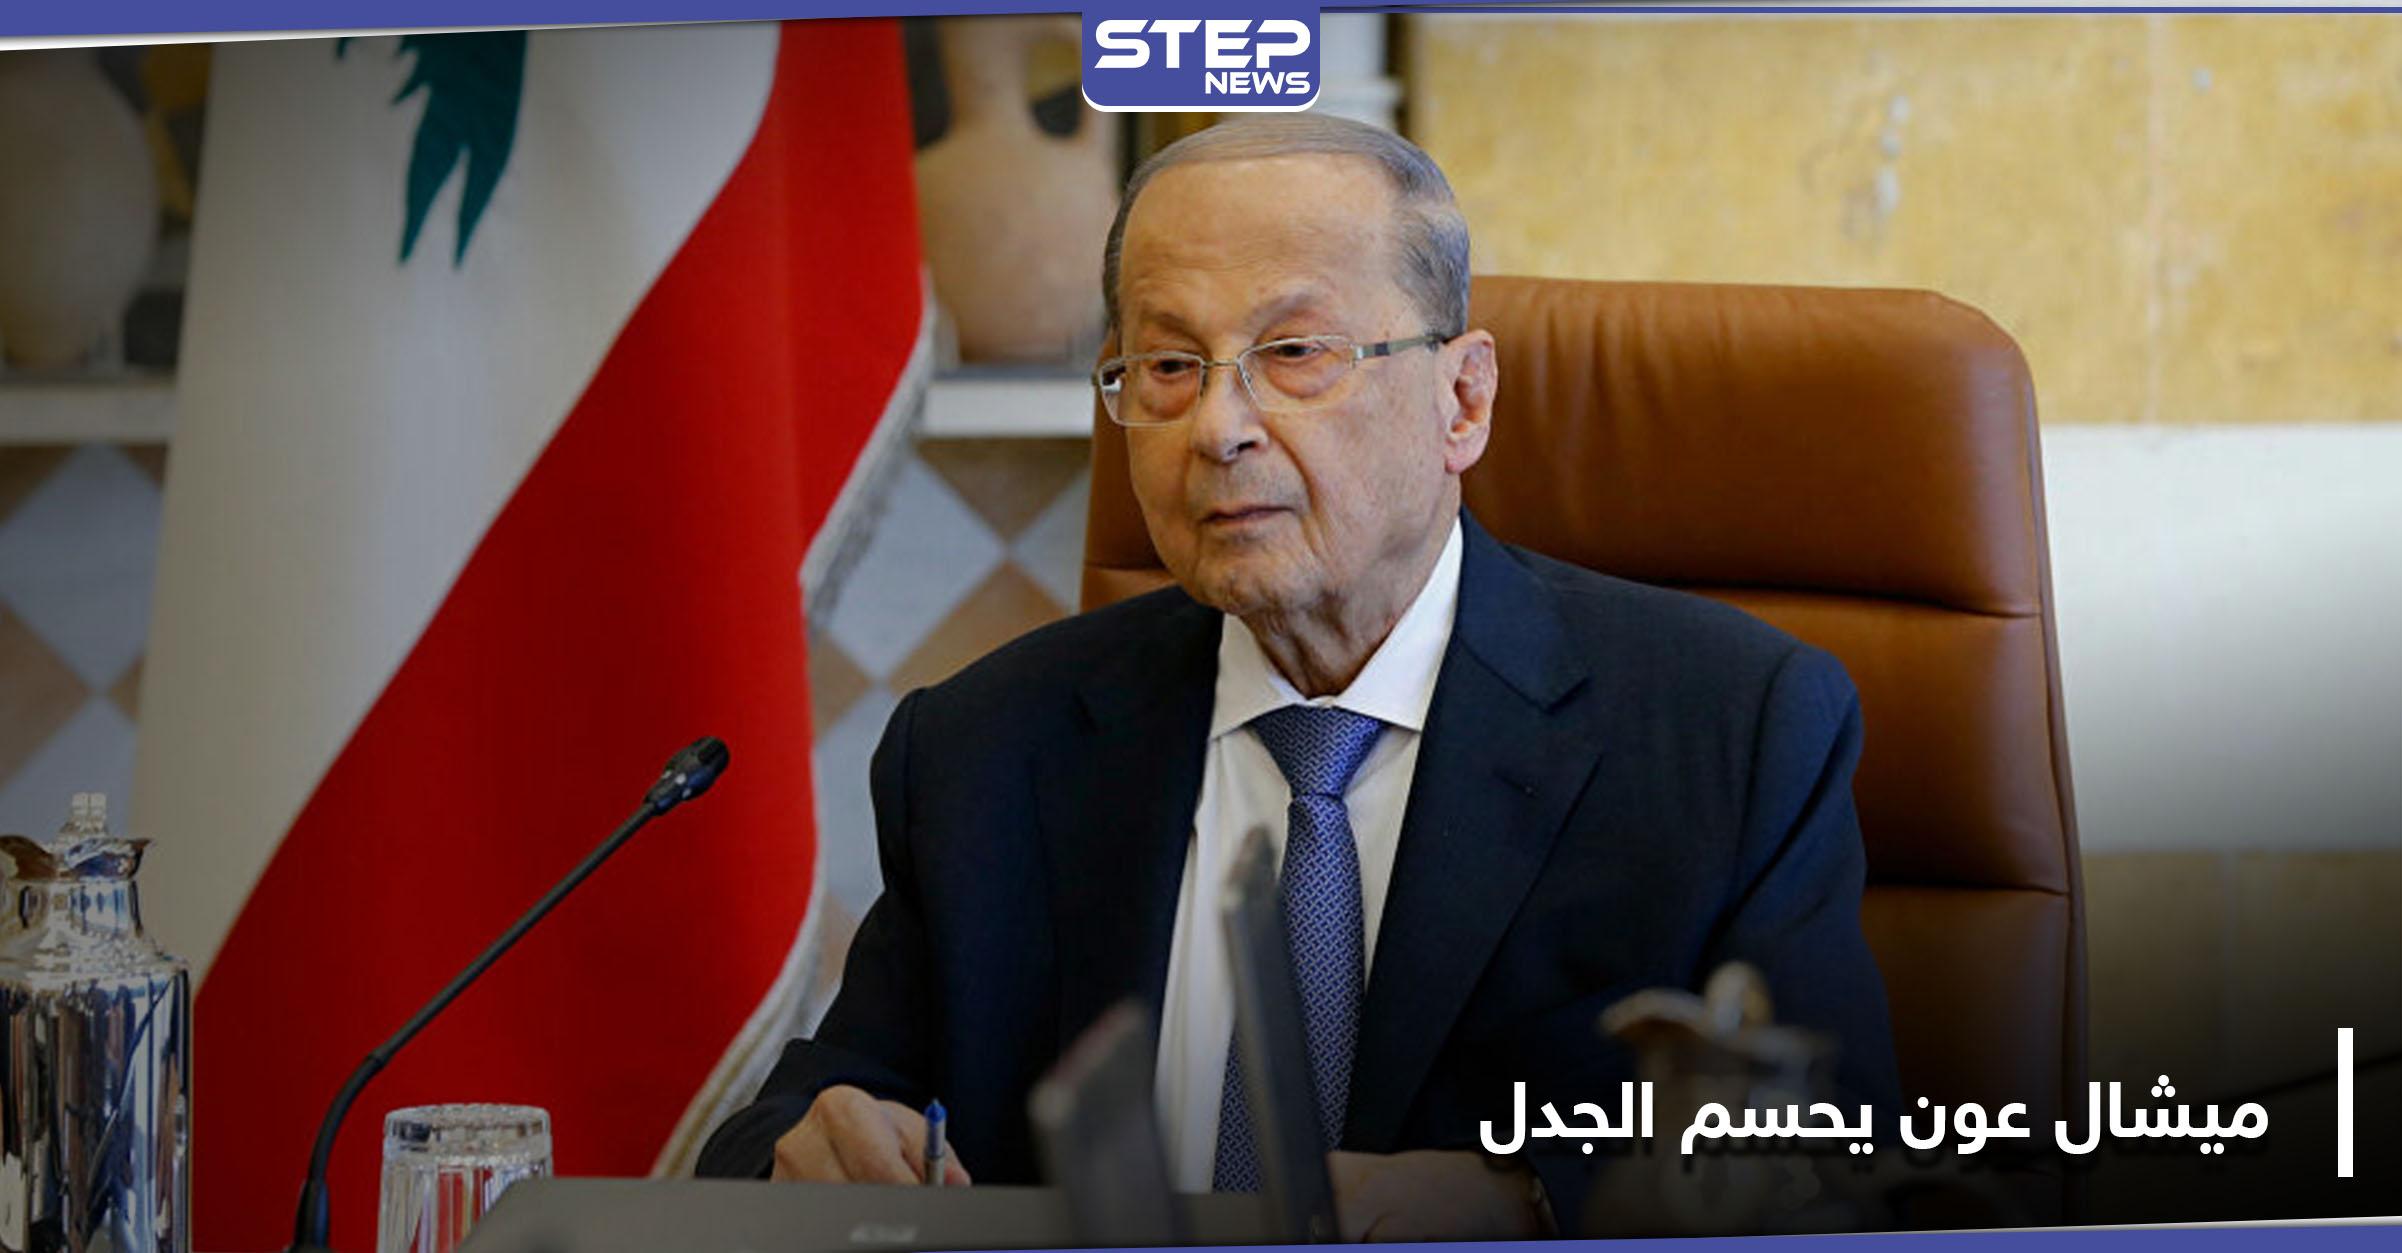 ميشال عون يحسم الجدل حول سلاح حزب الله